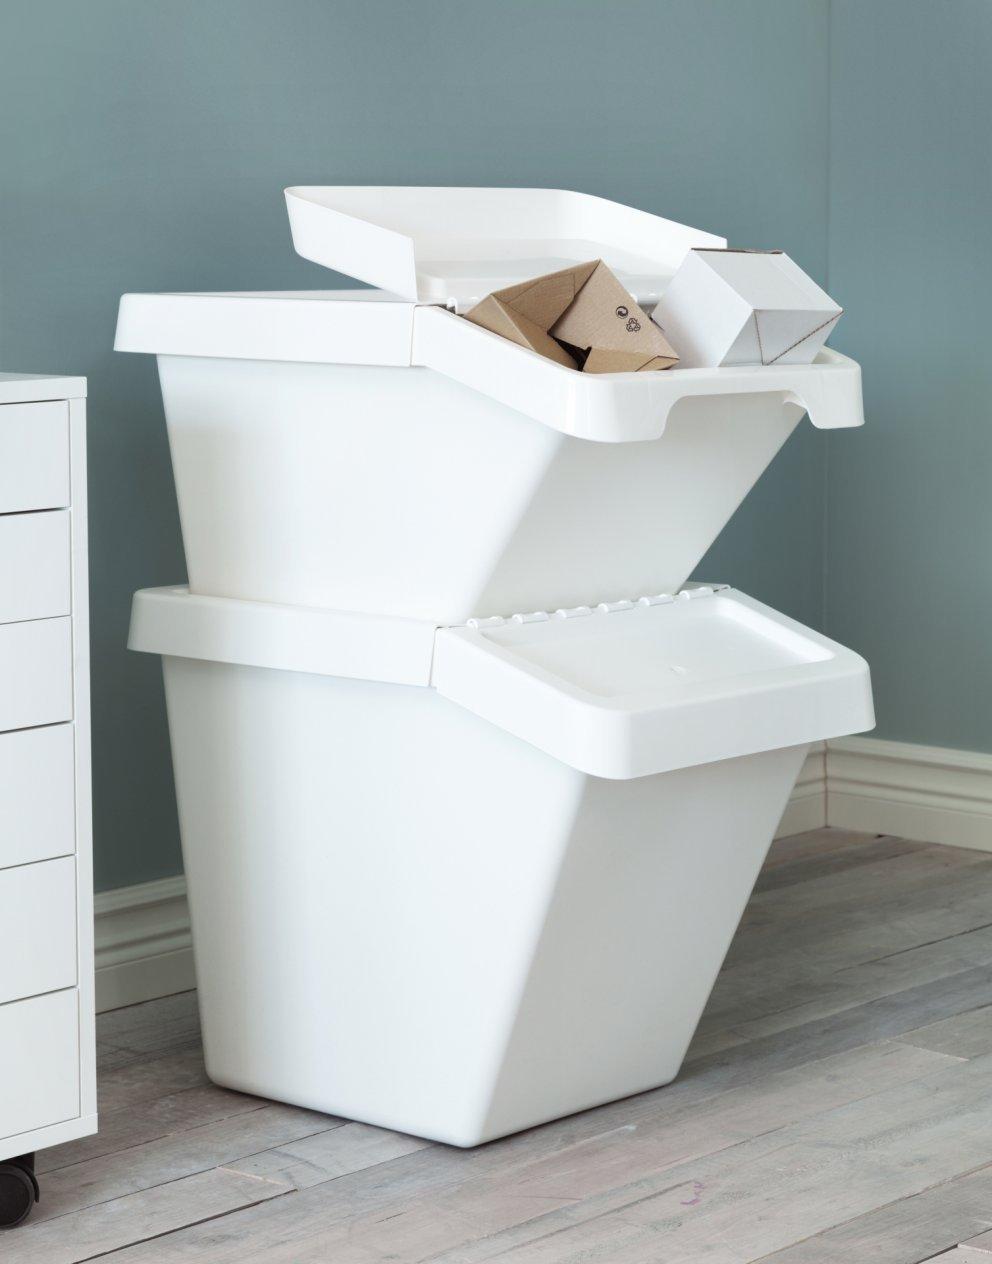 Pattumiere tradizionali o per il riciclo nuove amiche per for Ikea bidoni differenziata